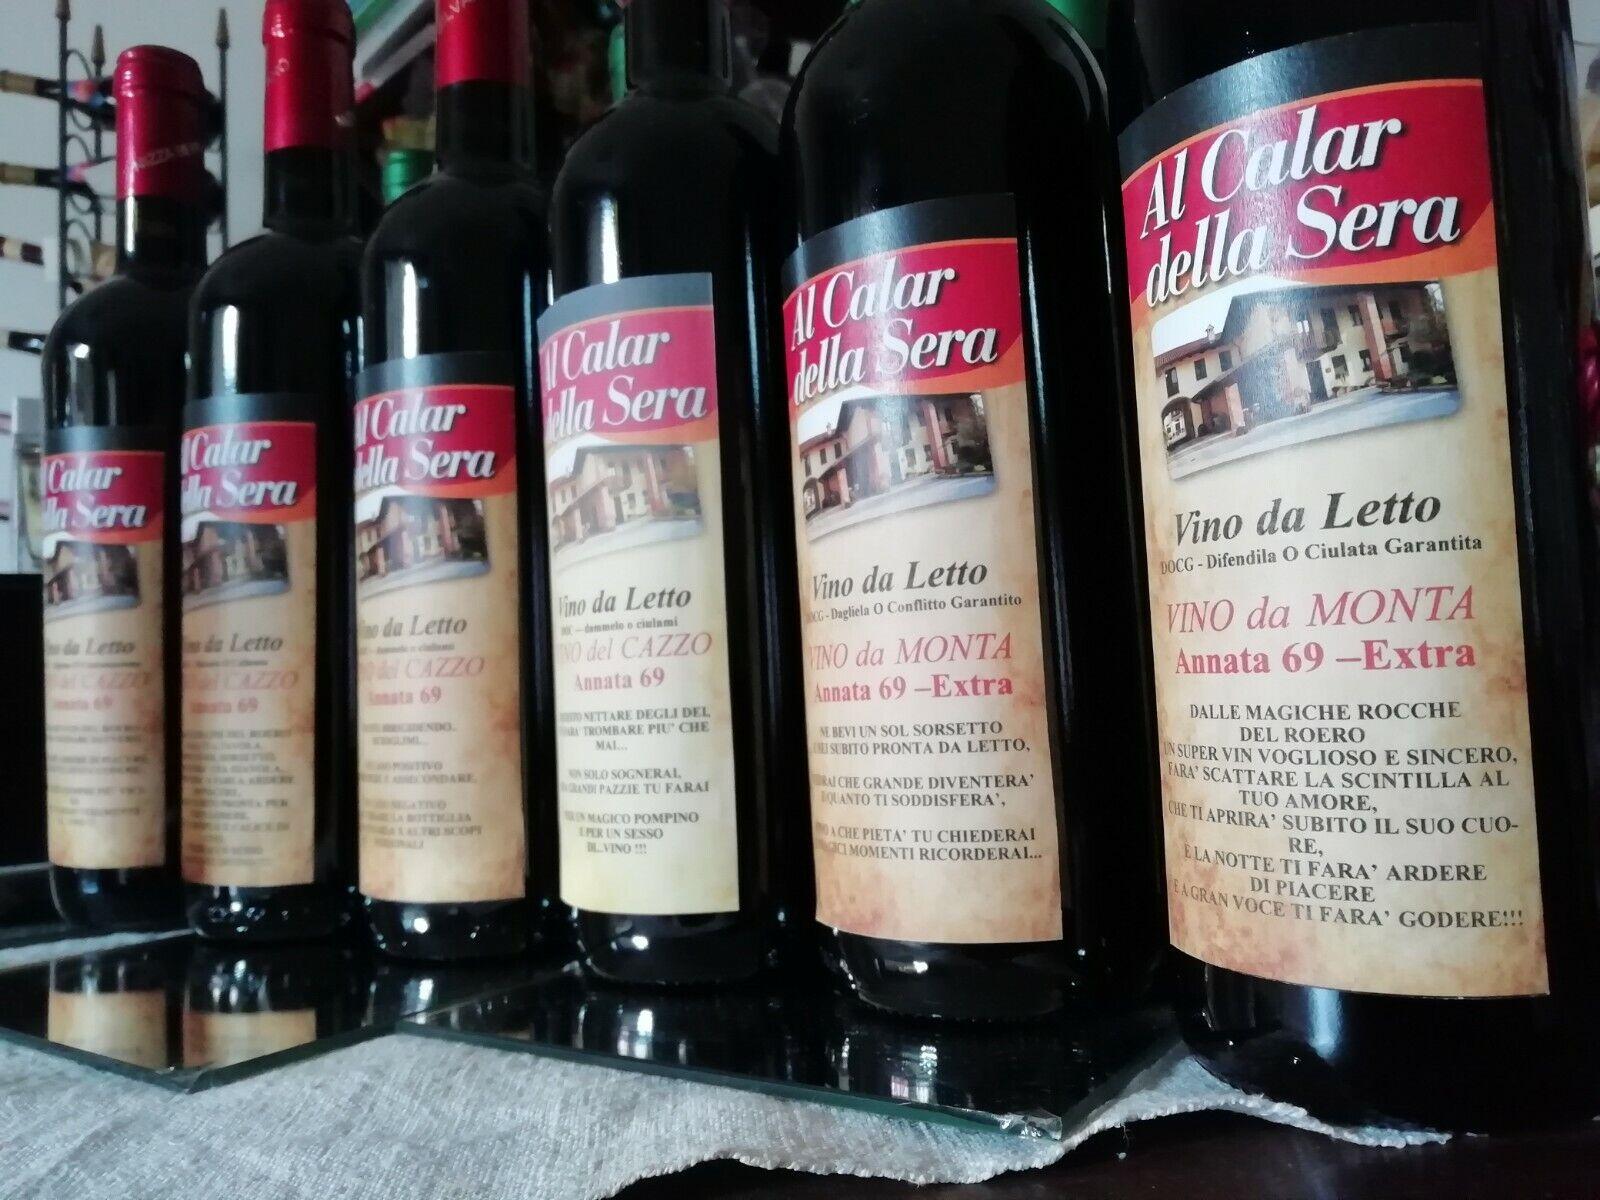 COLLEZIONE DI VINO DEL CAZZO, vino rosso e bianco , 6 bottiglie da cl. 75